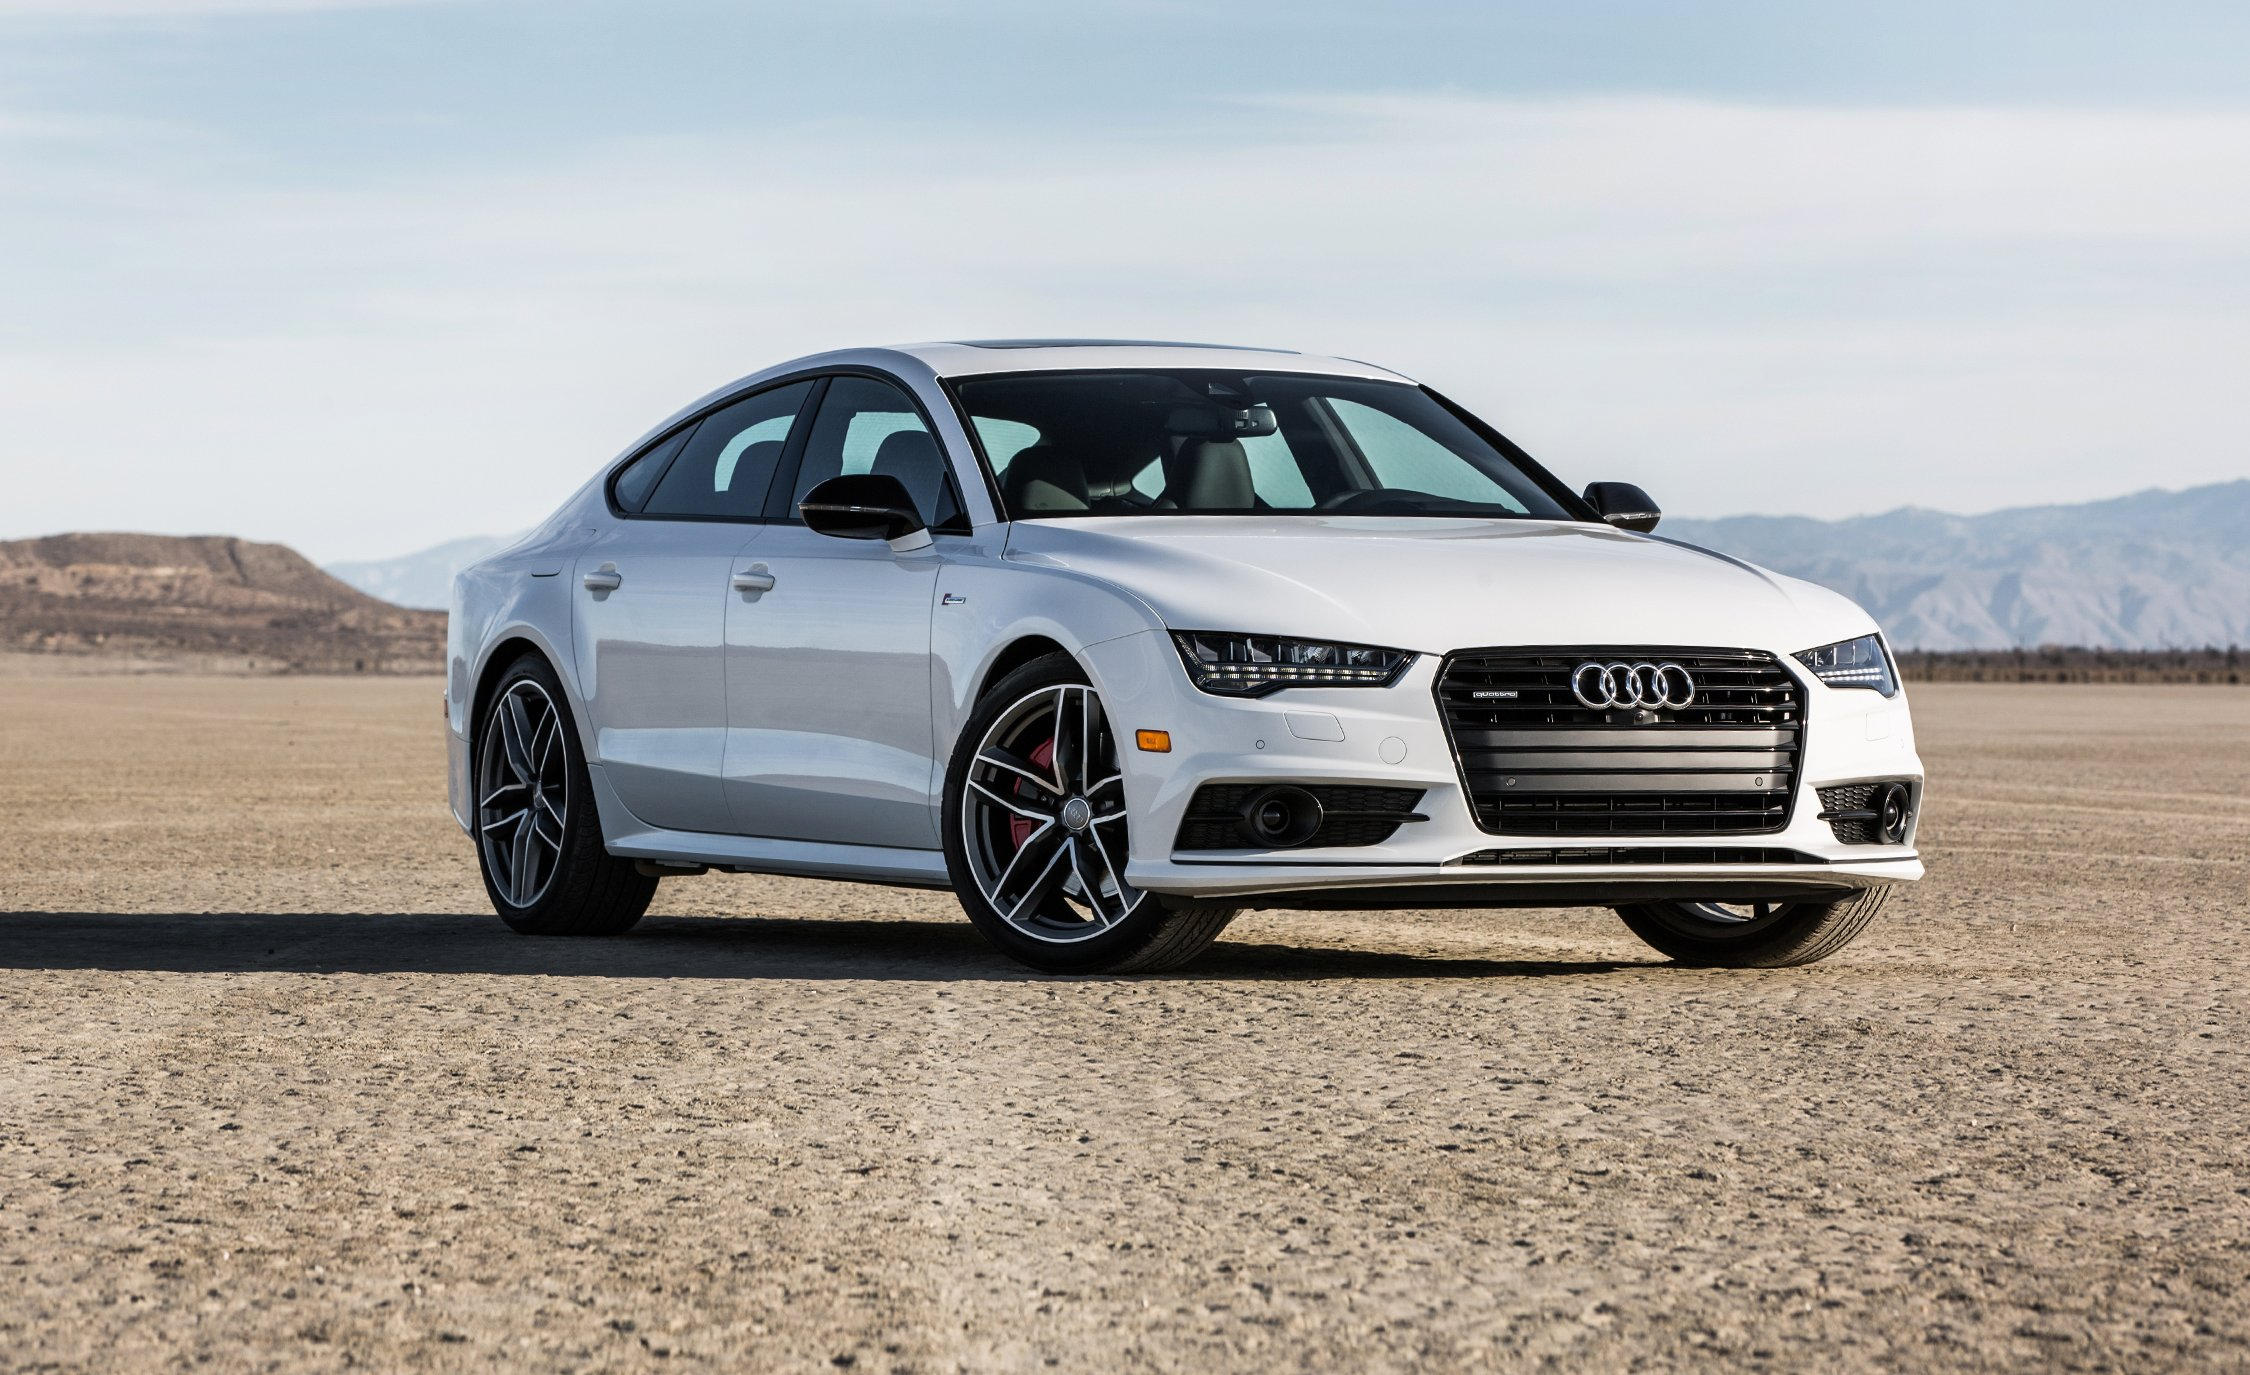 Audi A7 Price & Lease Long Beach CA